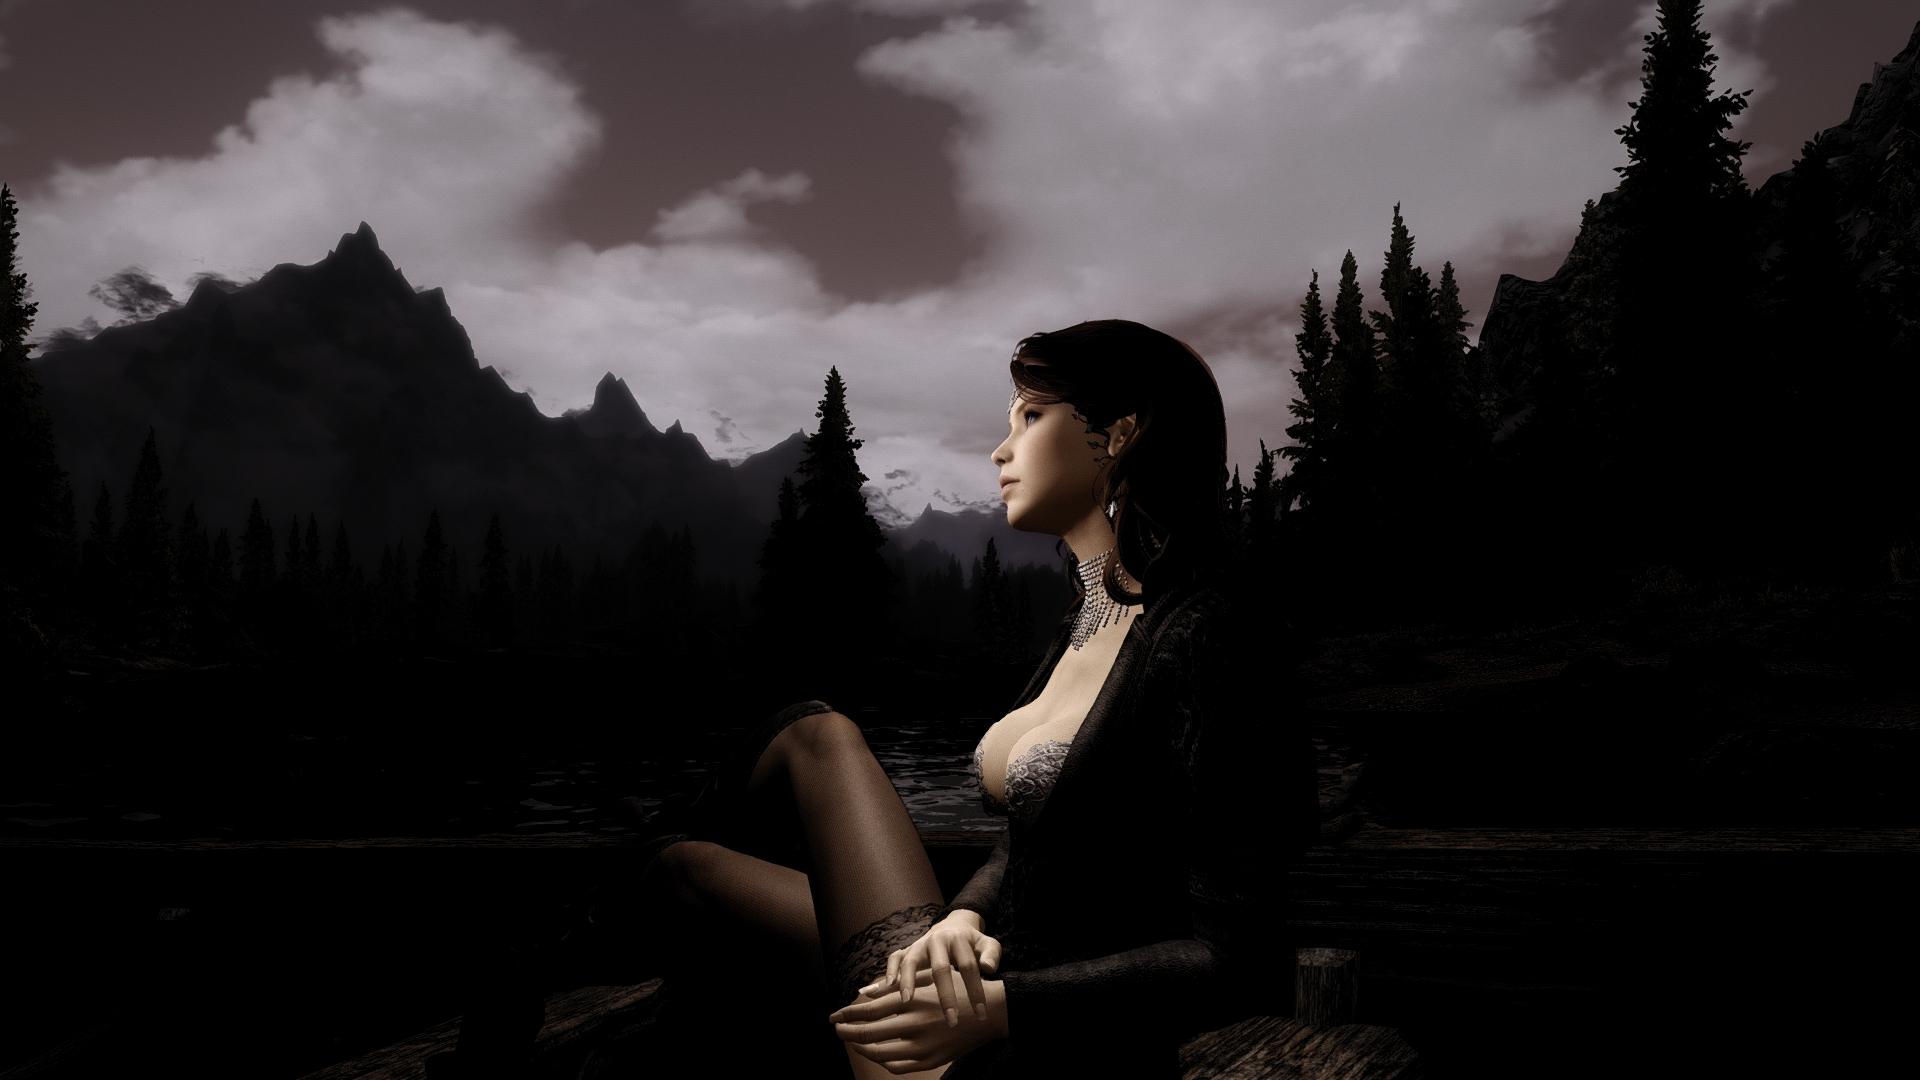 SKYRIM_2020.jpg - Elder Scrolls 5: Skyrim, the арт